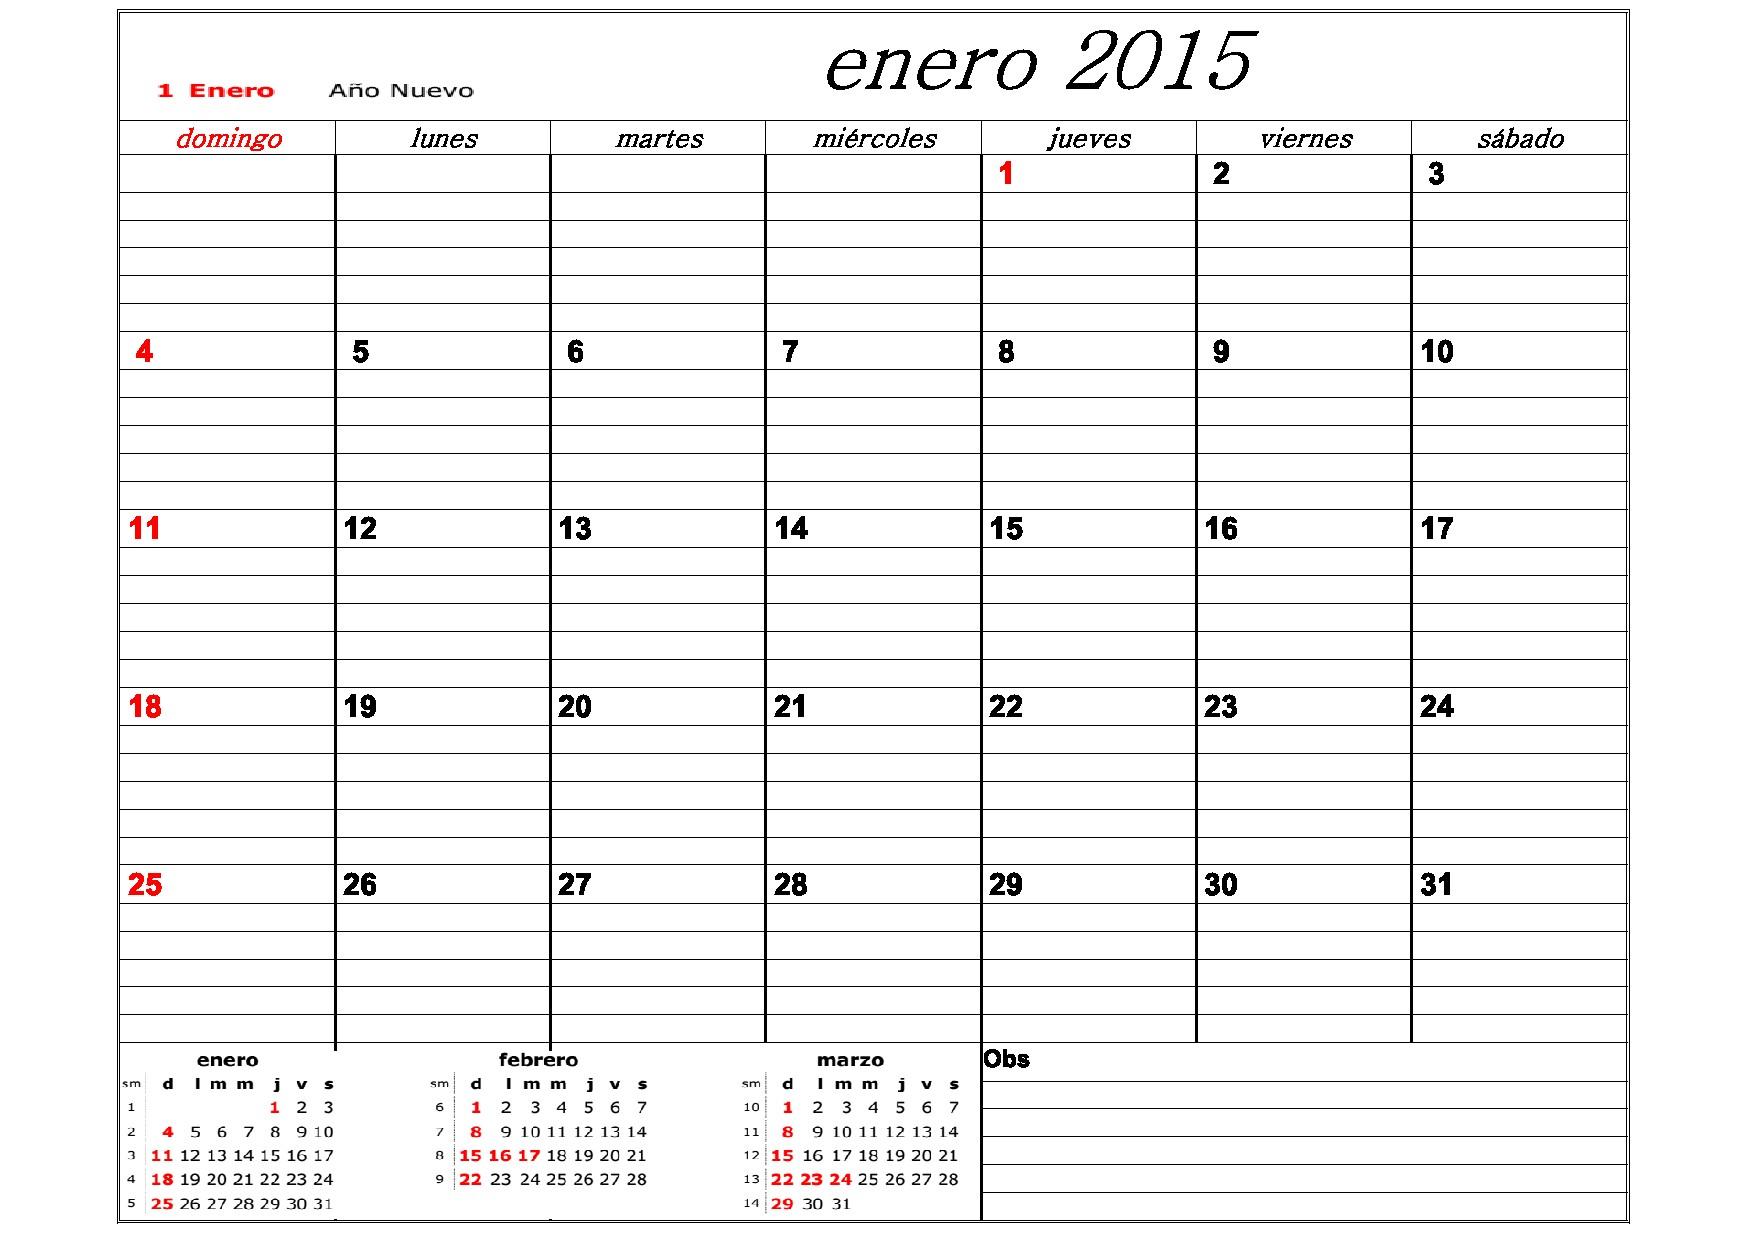 Calendario 2016 Para Imprimir Con Feriados Chile Más Recientes Calendario Septiembre 2015 Para Imprimir Of Calendario 2016 Para Imprimir Con Feriados Chile Más Recientes Mie Calendario 2017 Jpg Almanaque Newspictures